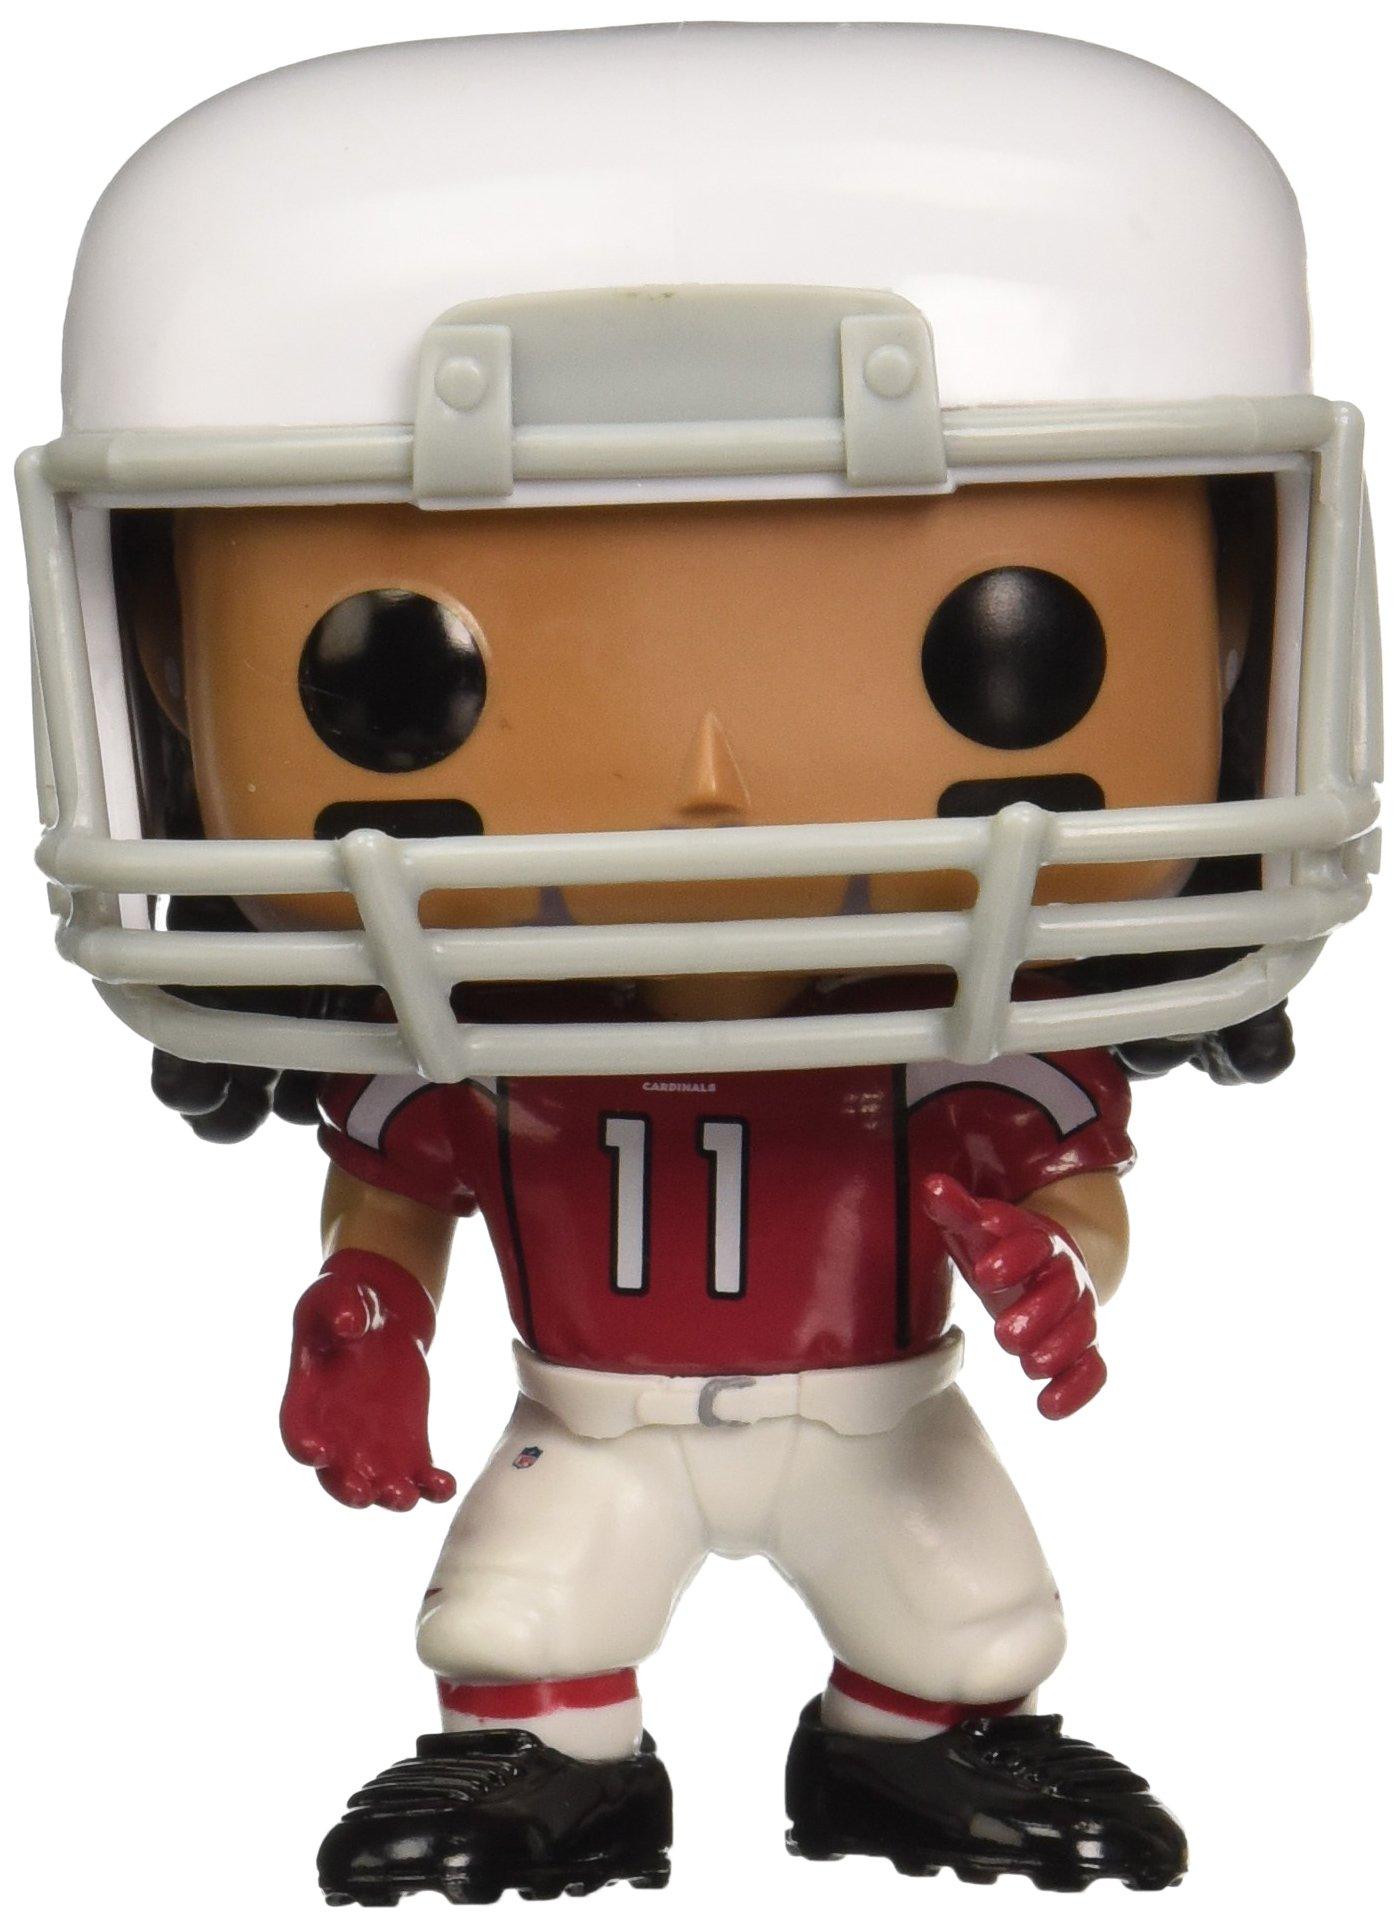 Funko POP! SPORTS: NFL - Larry Fitzgerald